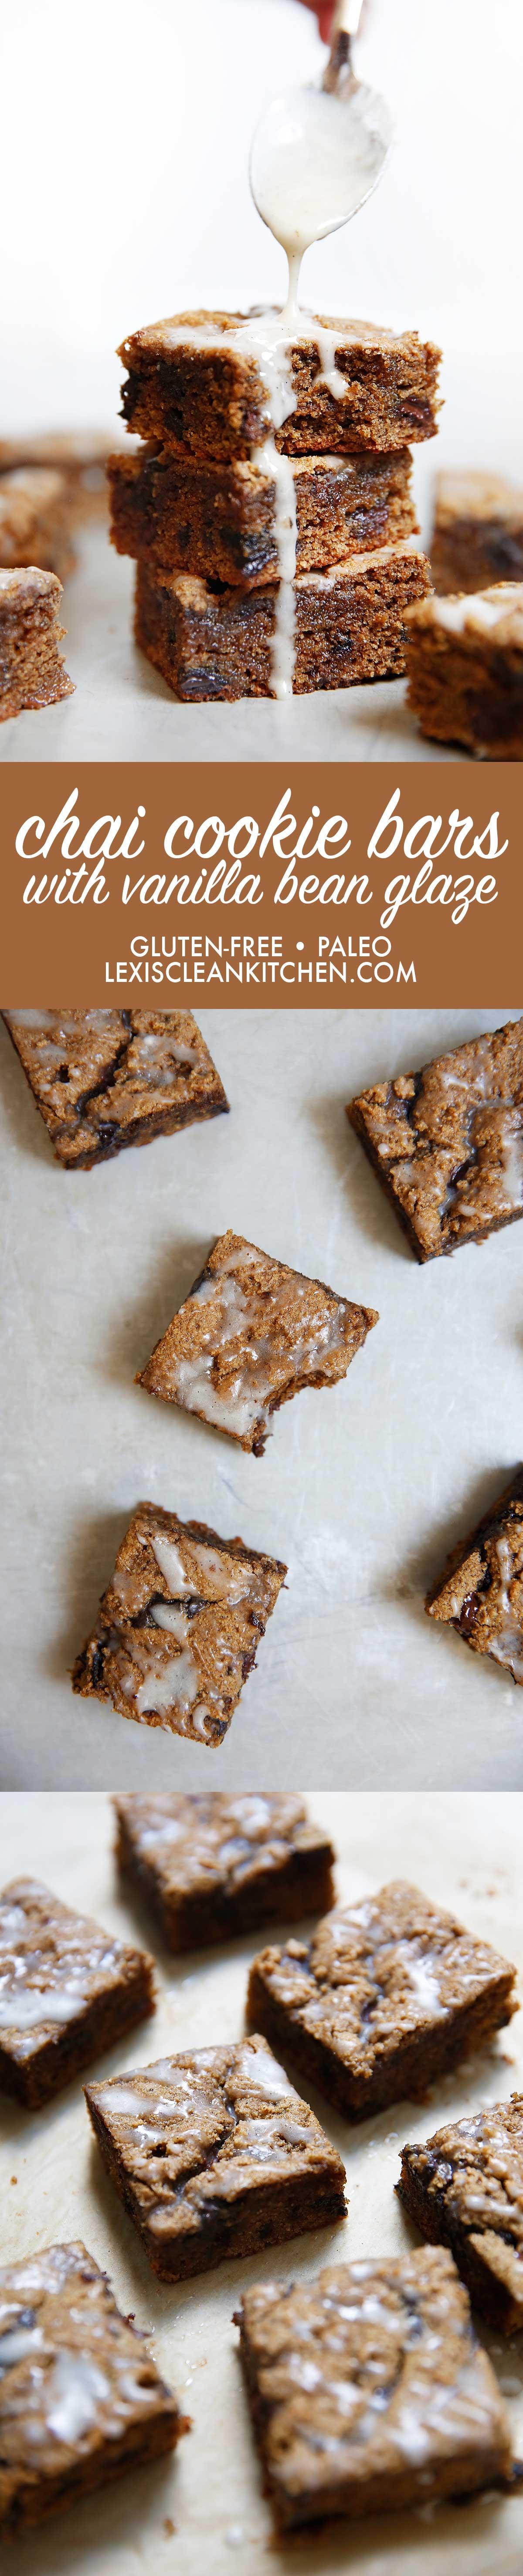 Chai Cookie Bars Vanilla Bean Glaze (gluten-free & paleo-friends) | Lexi's Clean Kitchen